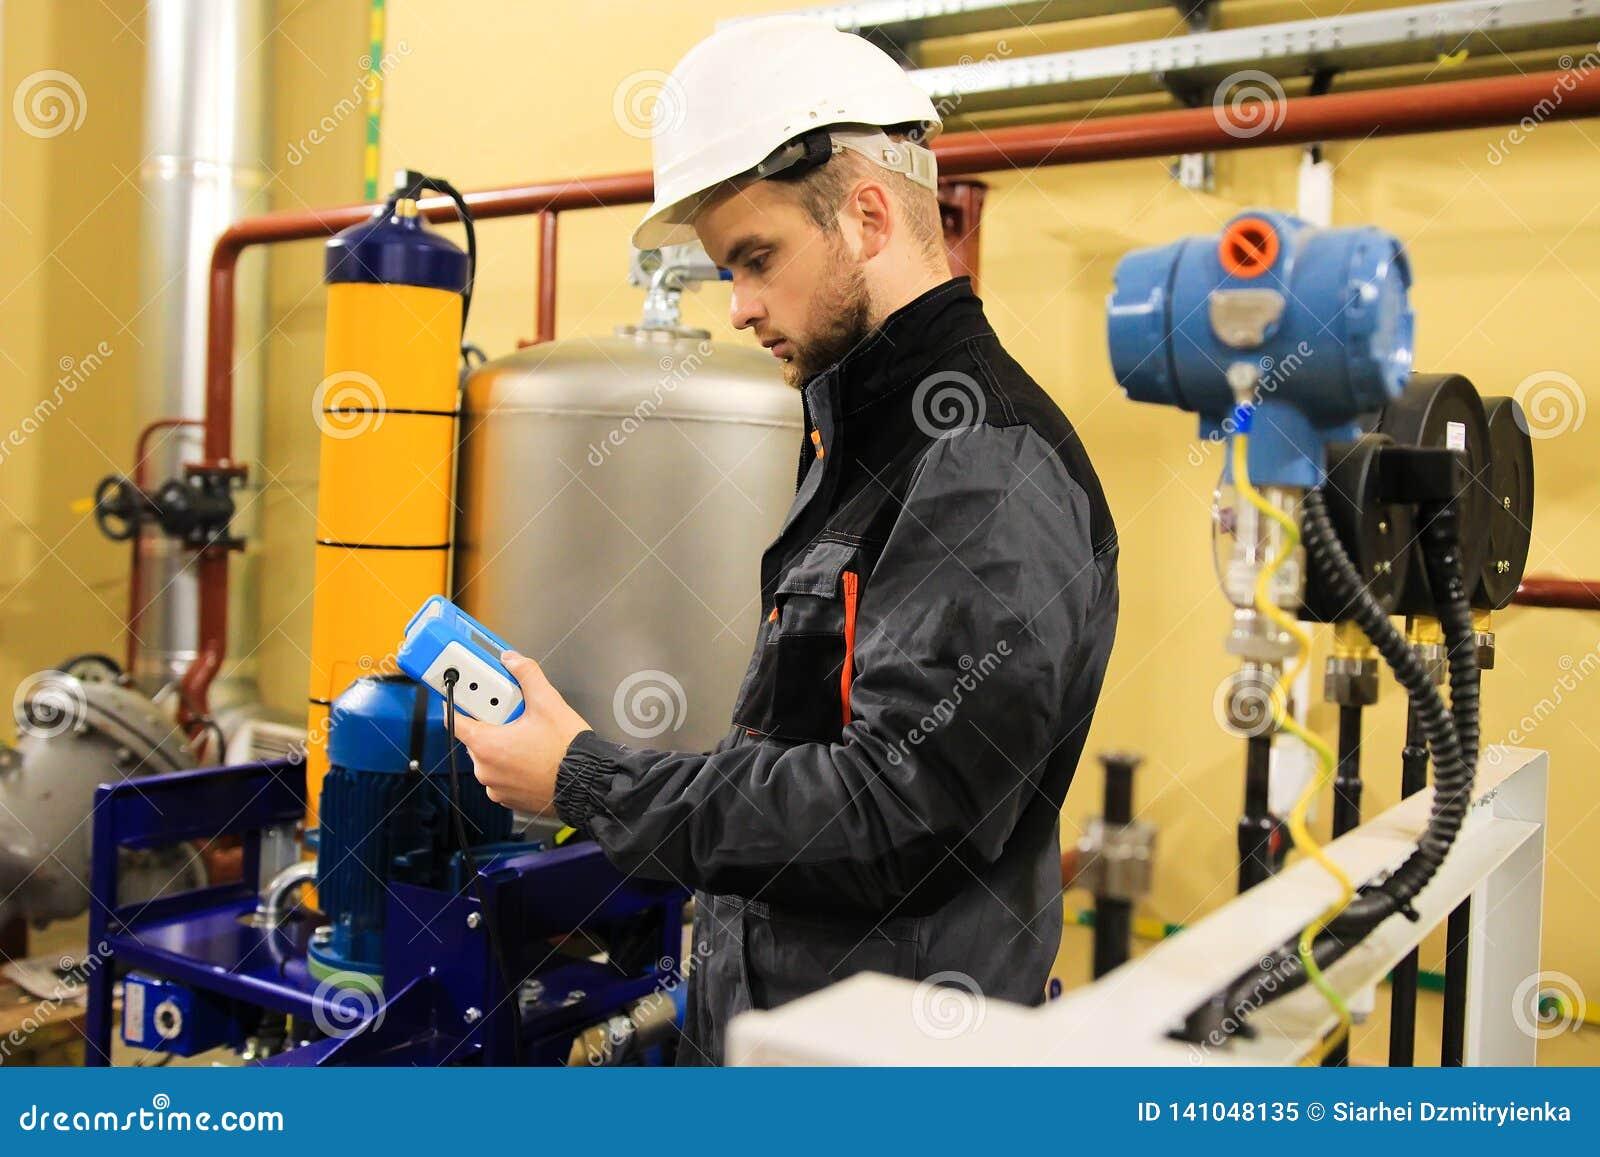 As pontas de prova cheking do coordenador do técnico exercem pressão sobre sensores na planta de refinaria industrial do poder